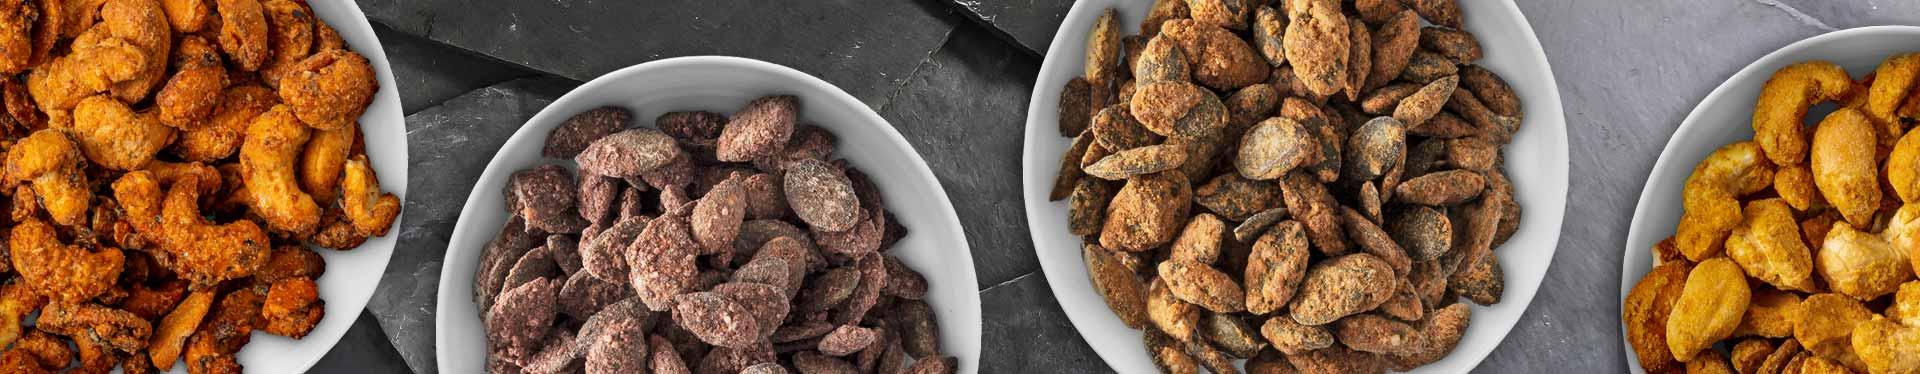 Geröstete Nüsse und Kerne